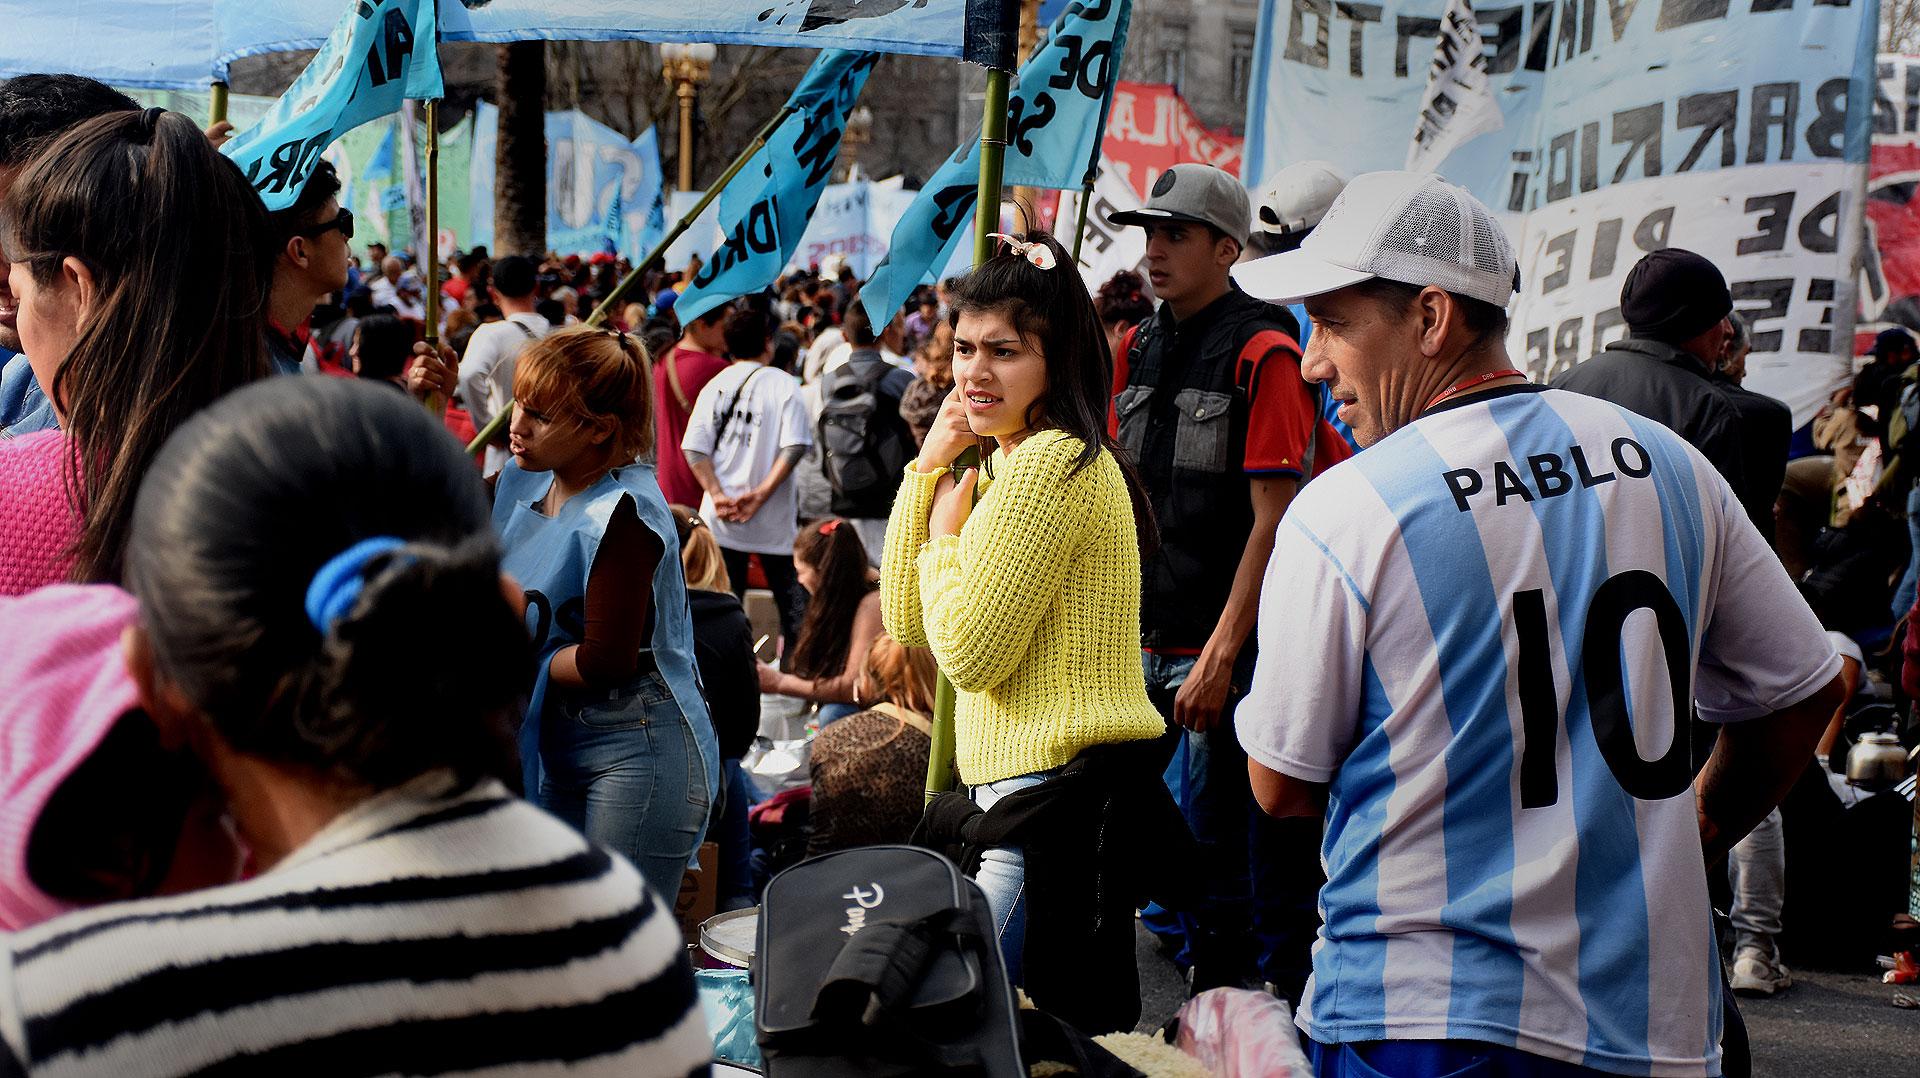 Se manifestaron en contra de la política económica y socialdel Gobierno